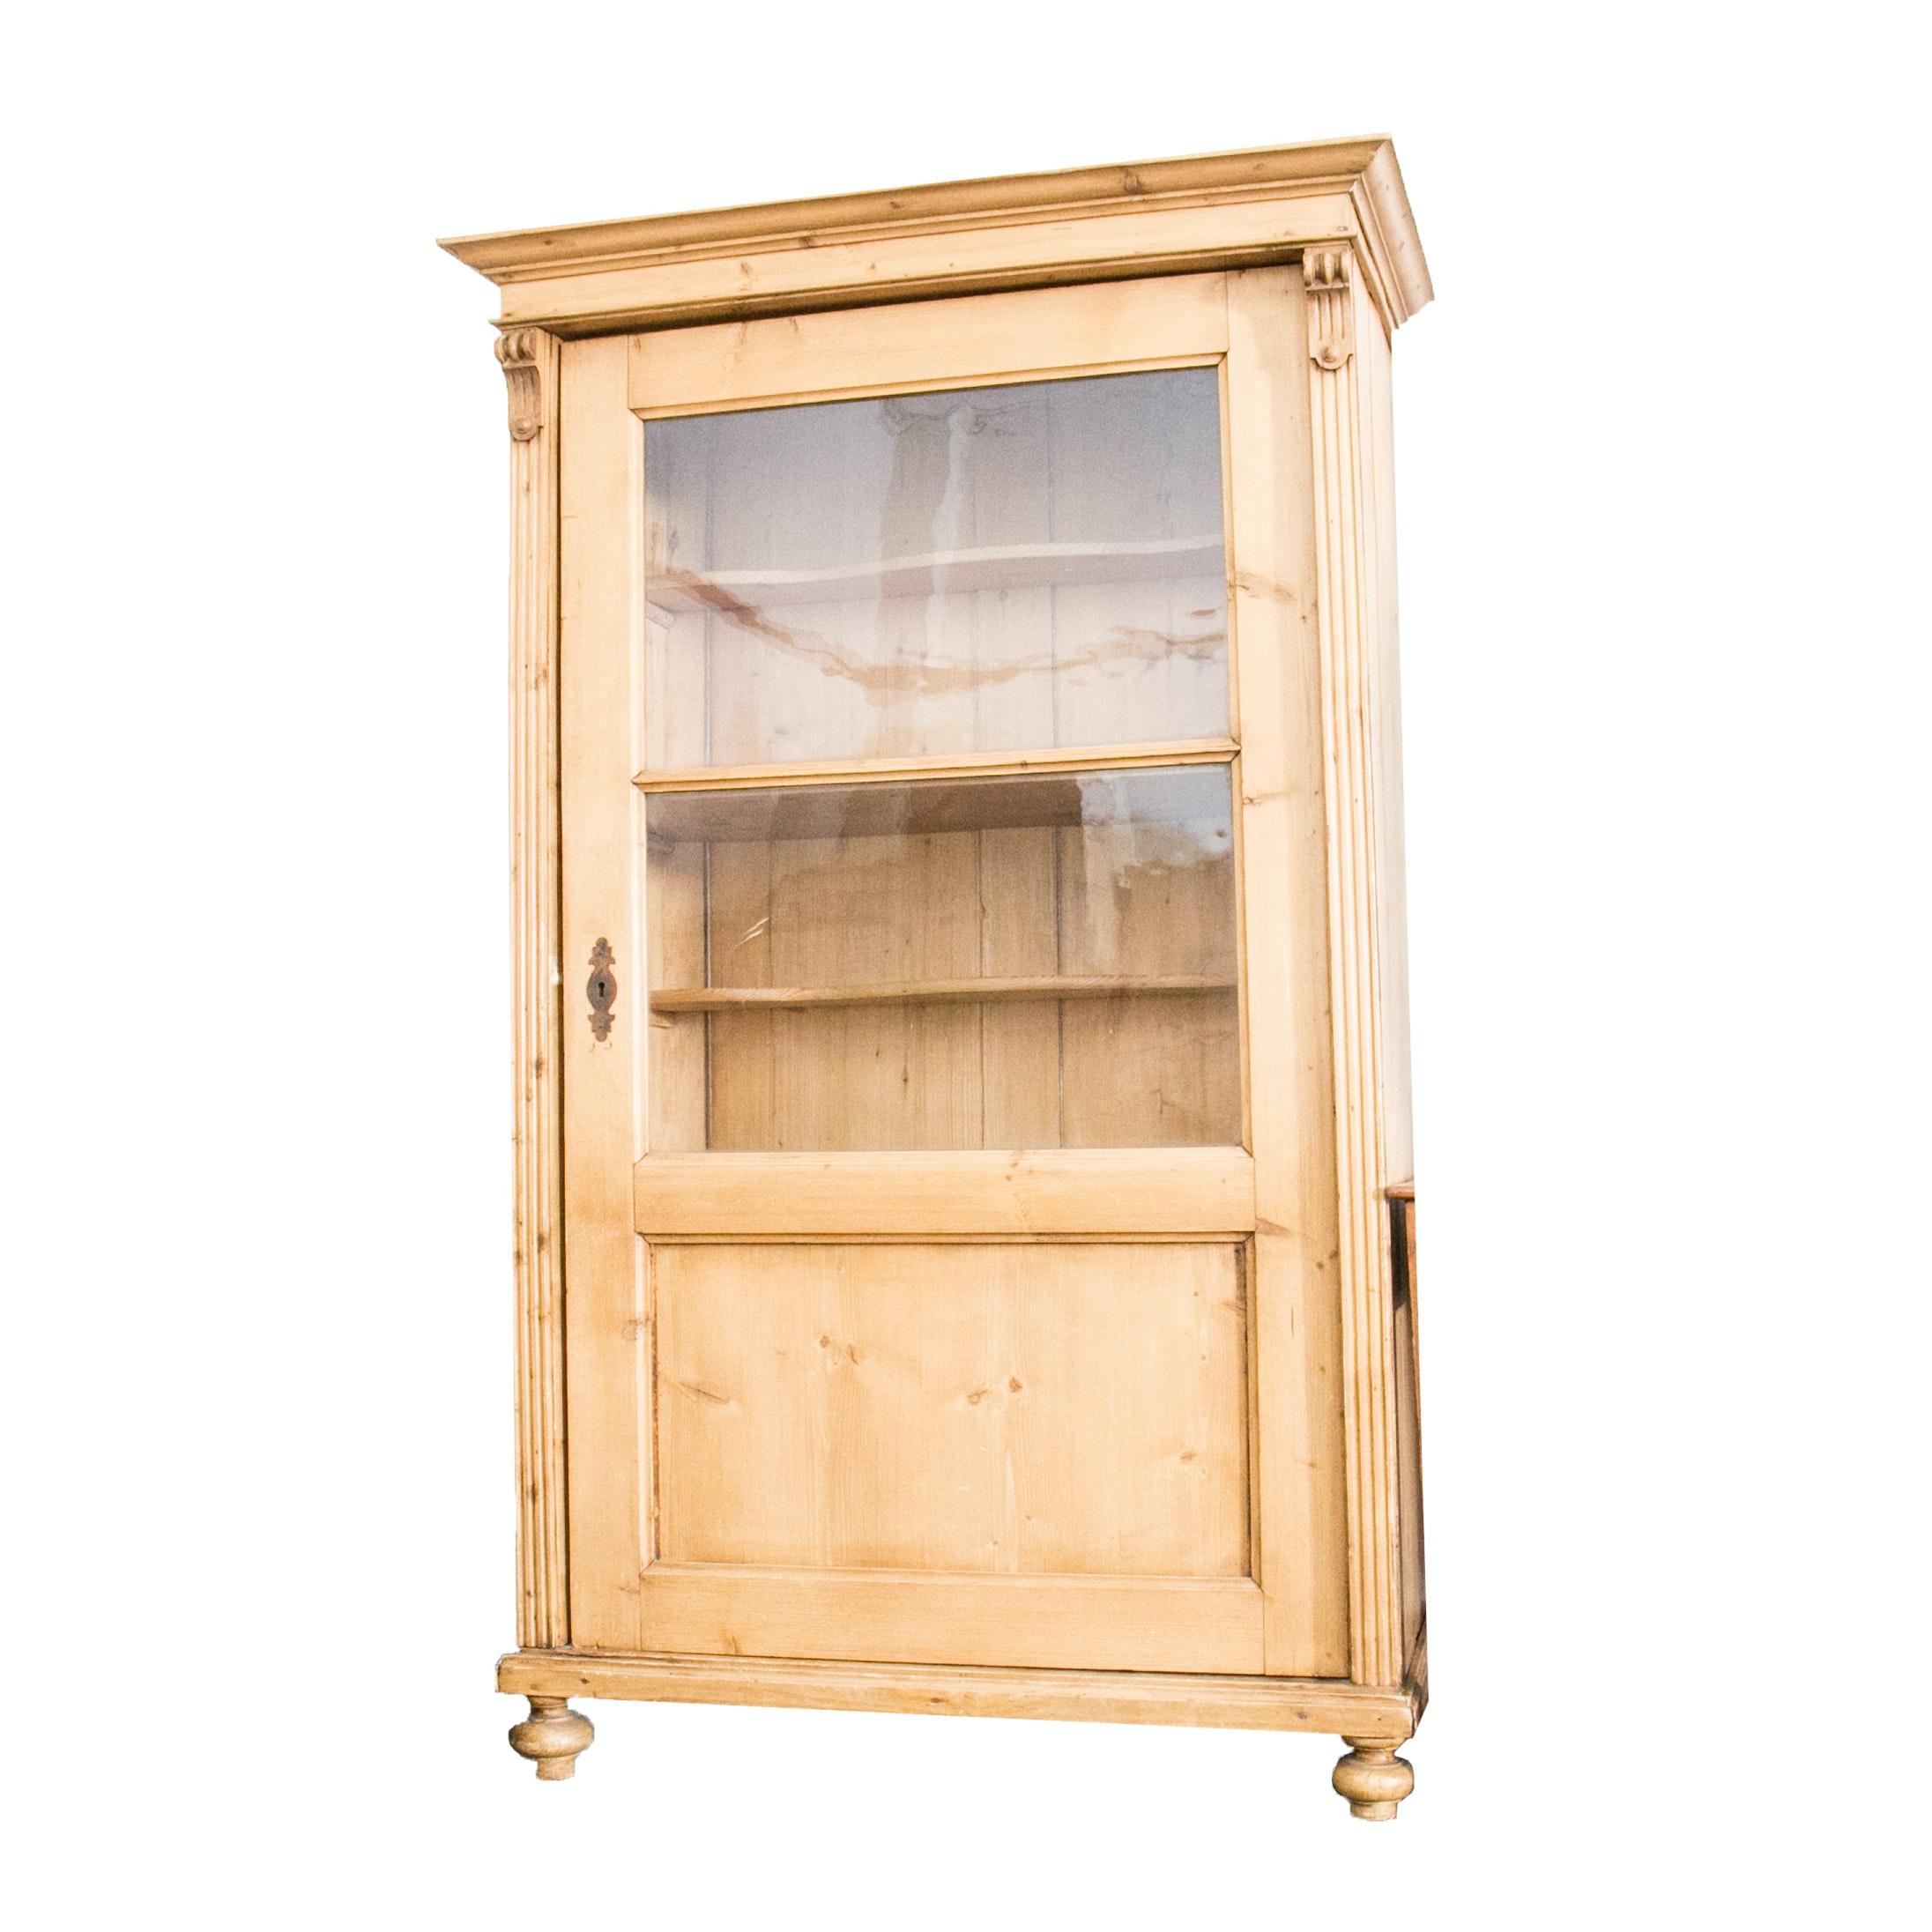 Antique European Pine Cabinet